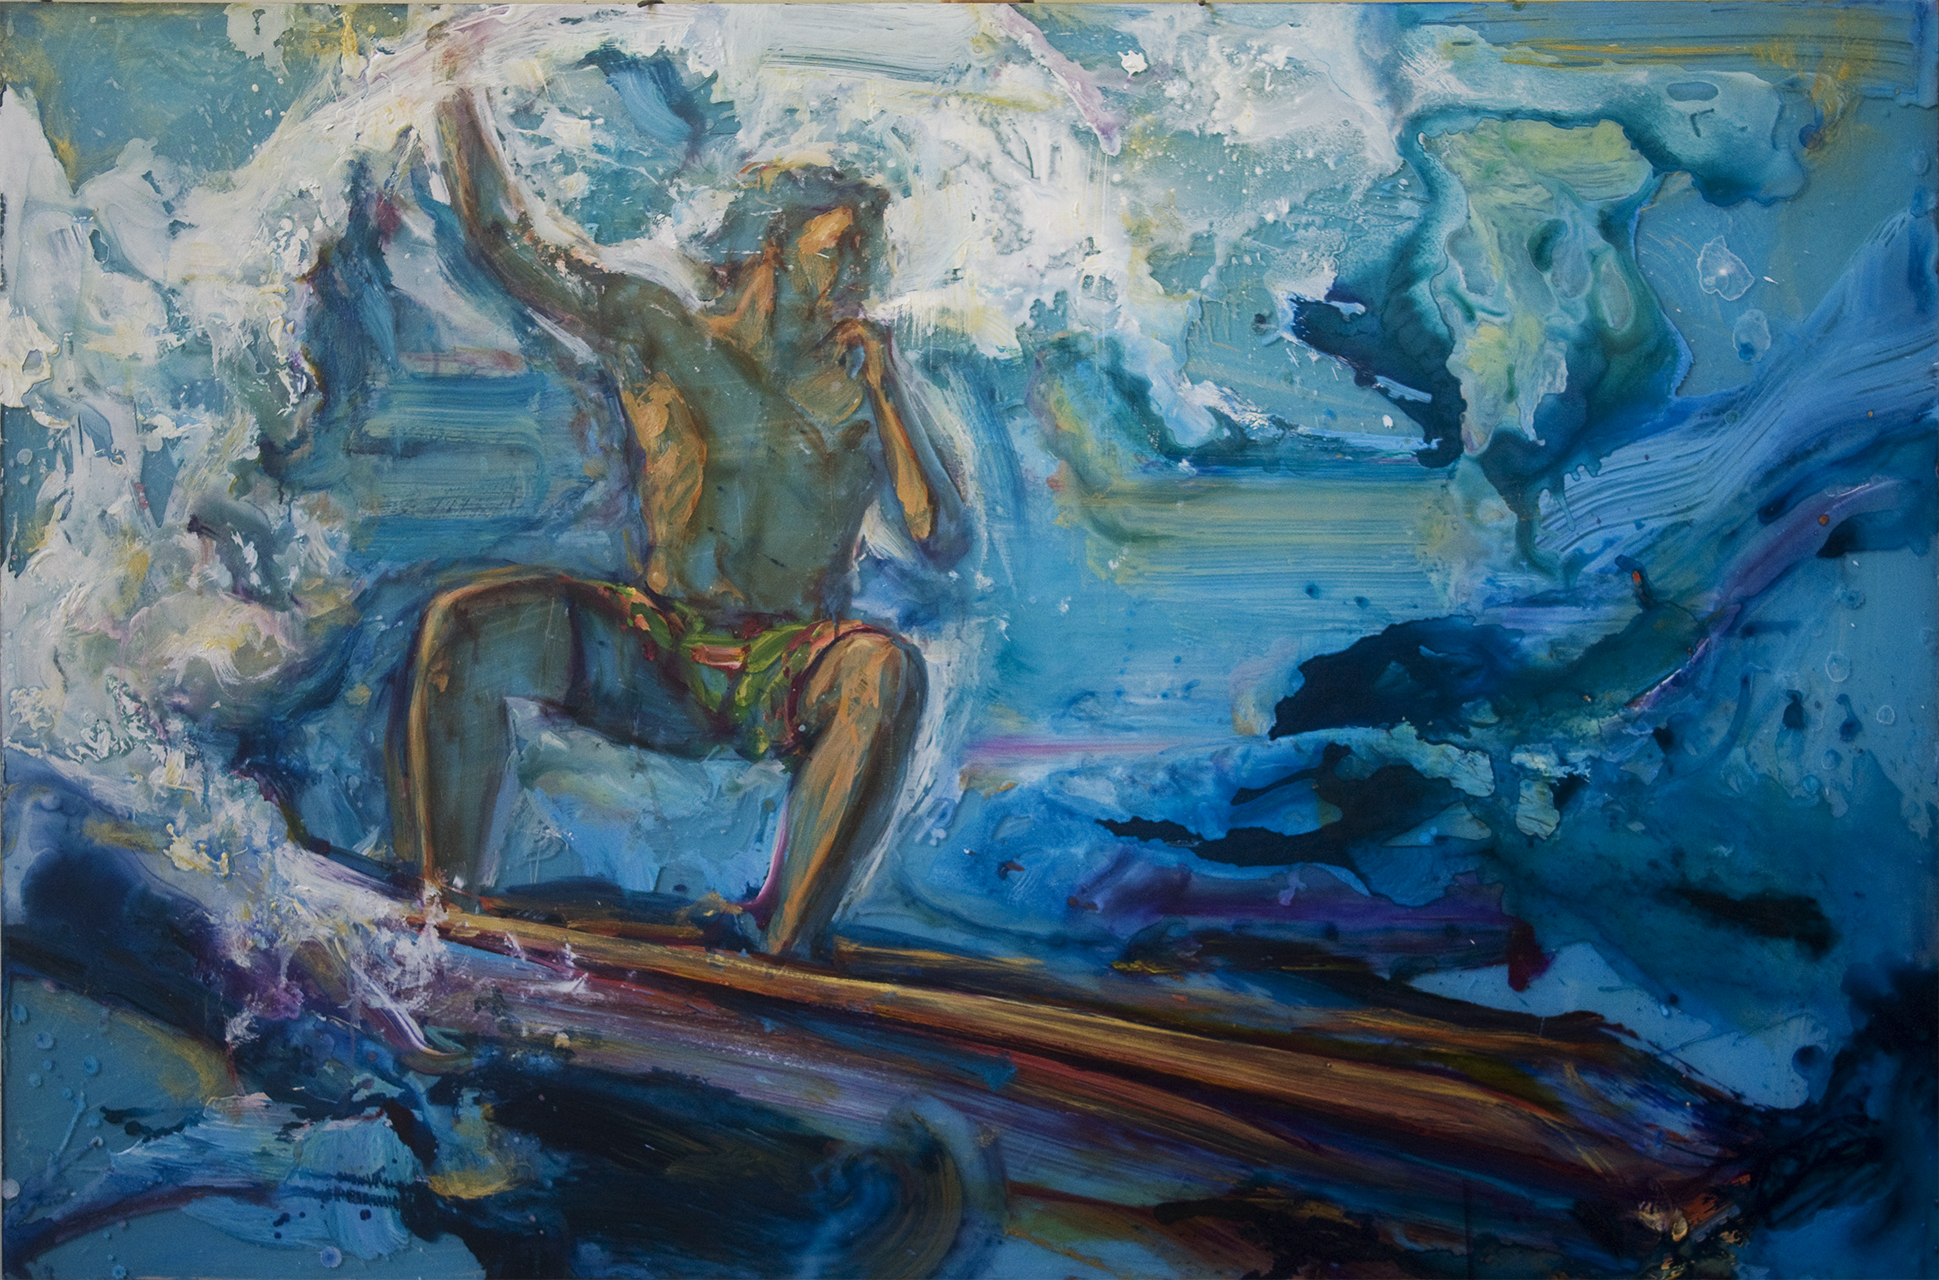 Earth Surfer